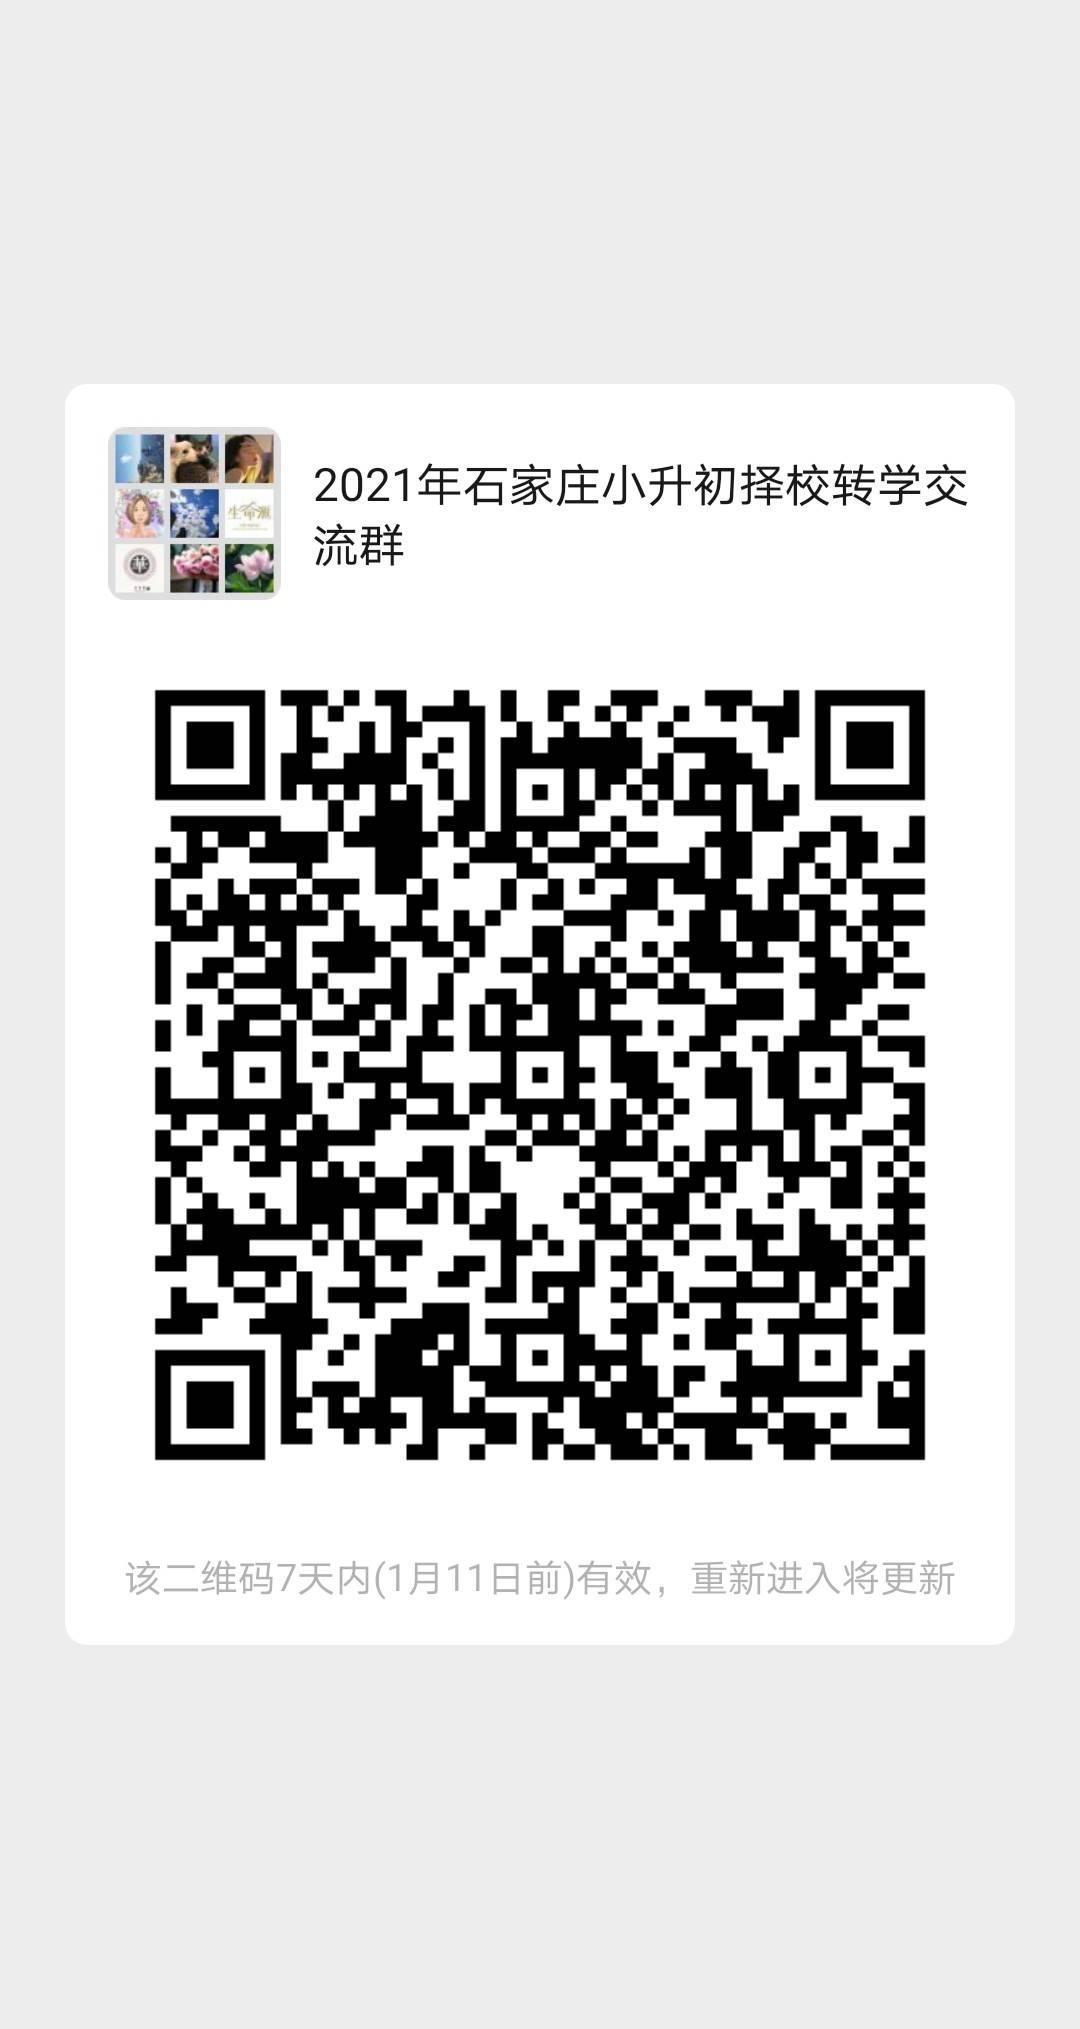 2021-01-04 09.14.32.jpg